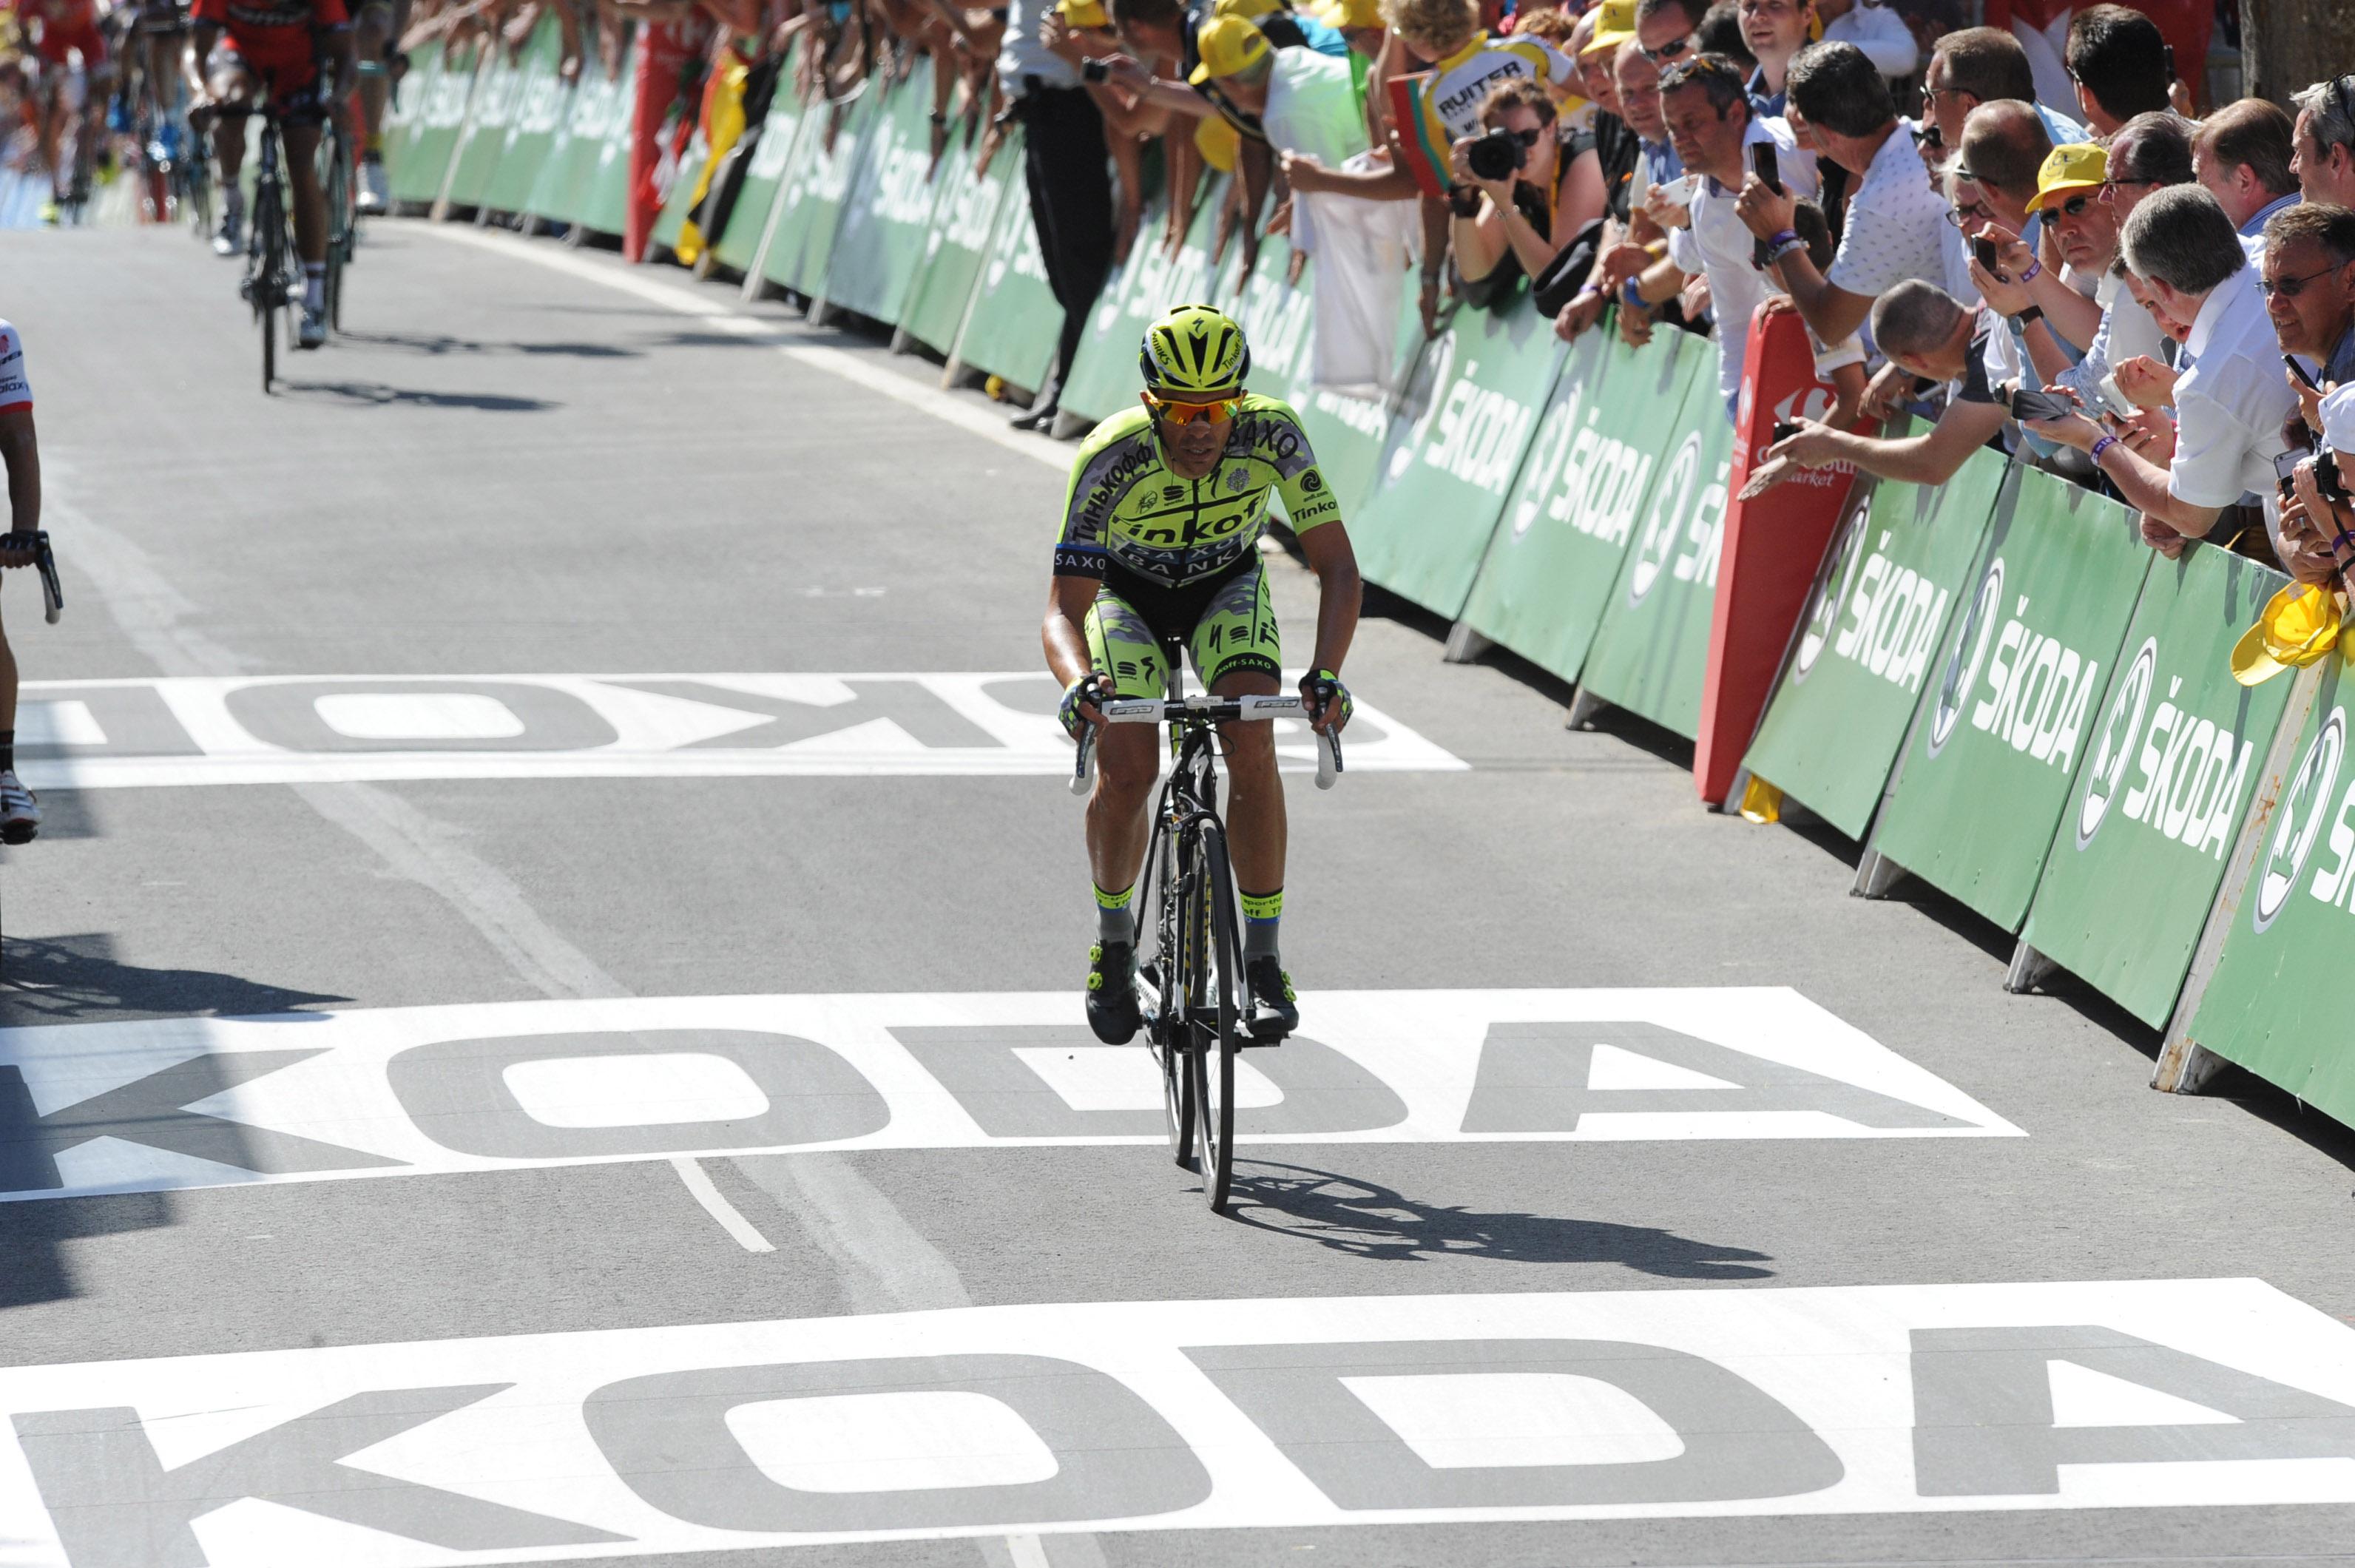 Alberto Contador - Tour de France 2015. (pic: Sirotti)